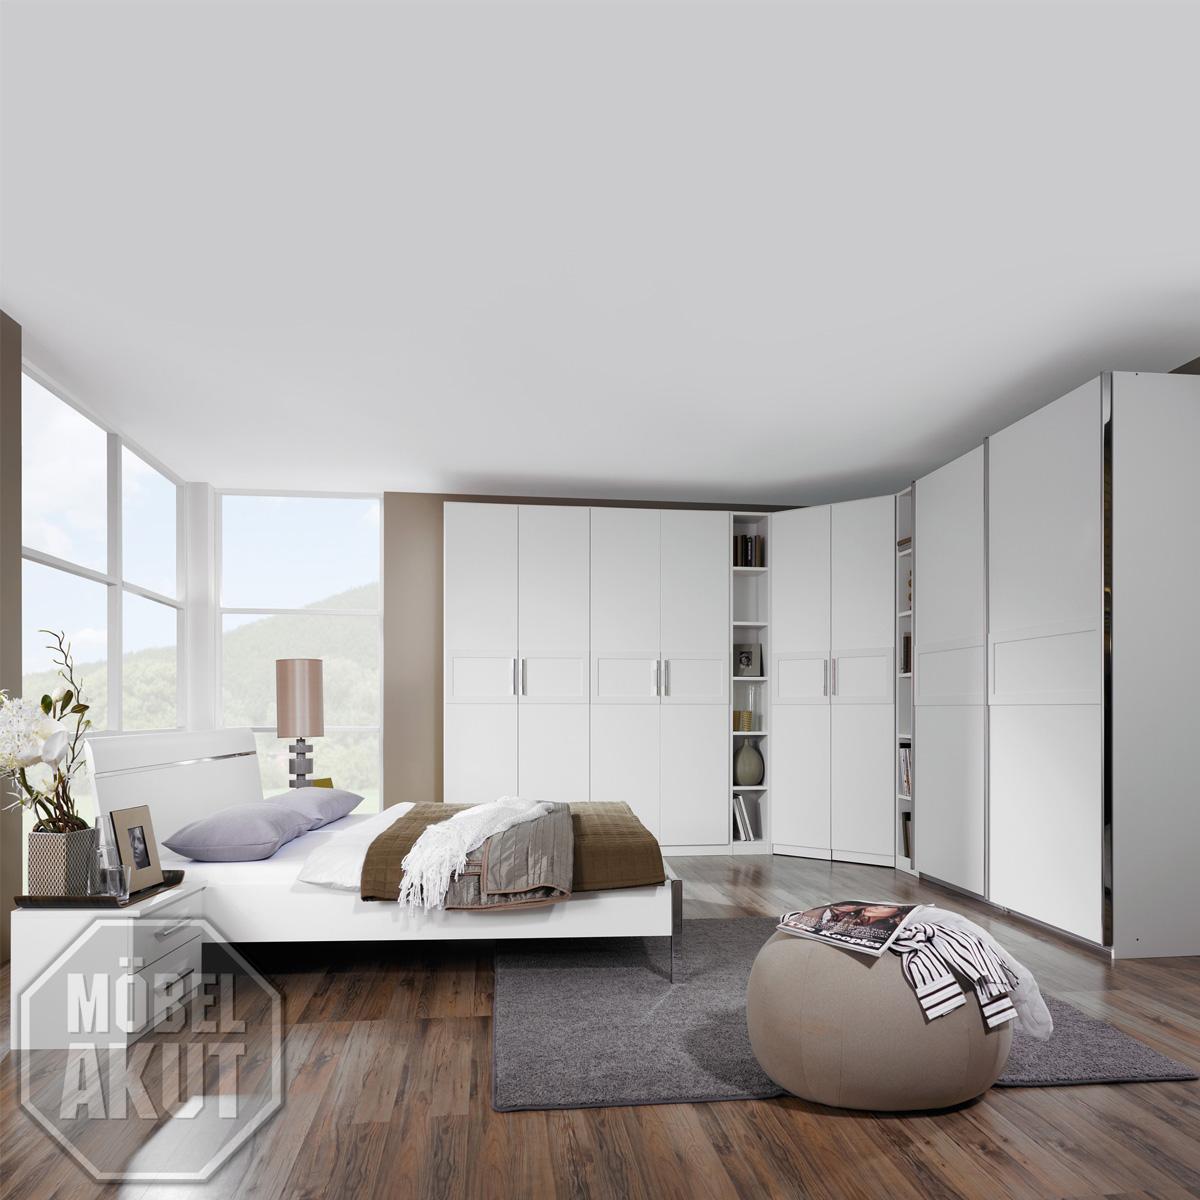 schlafzimmer set perfora in wei eckschrank bett ebay. Black Bedroom Furniture Sets. Home Design Ideas